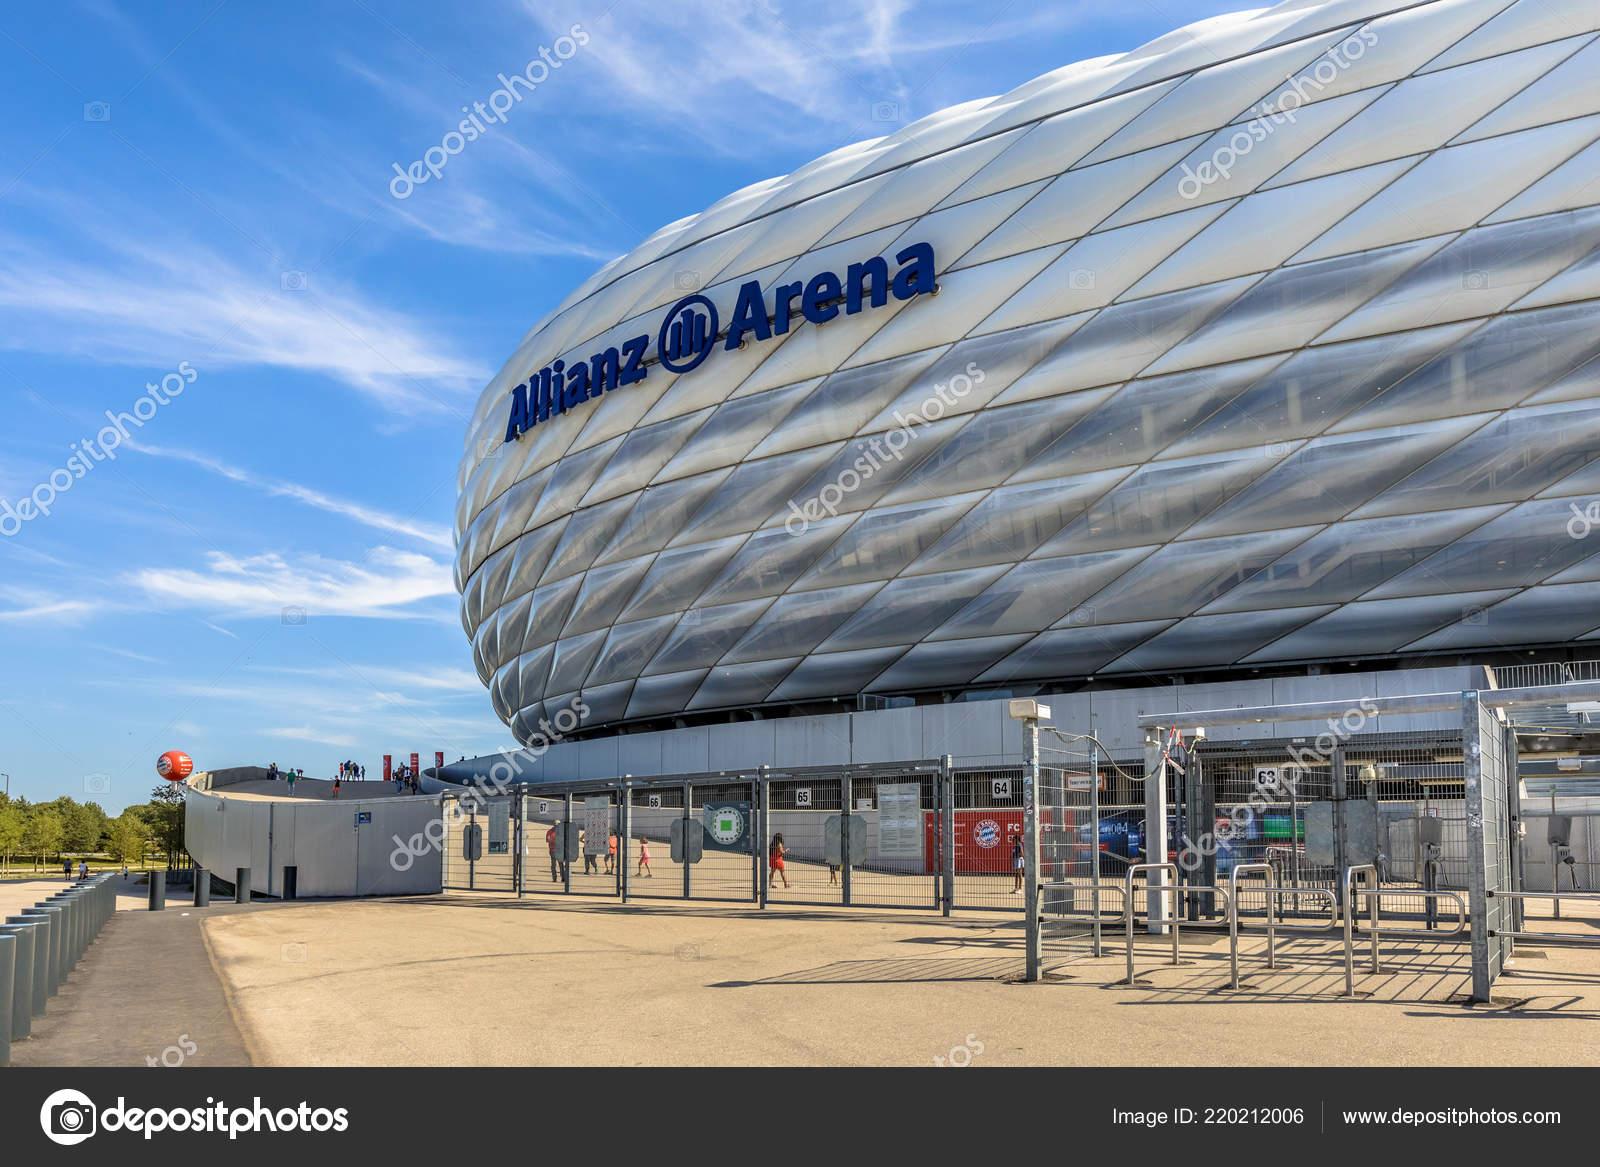 München Deutschland August 2017 Eingang Zum Stadion Allianz